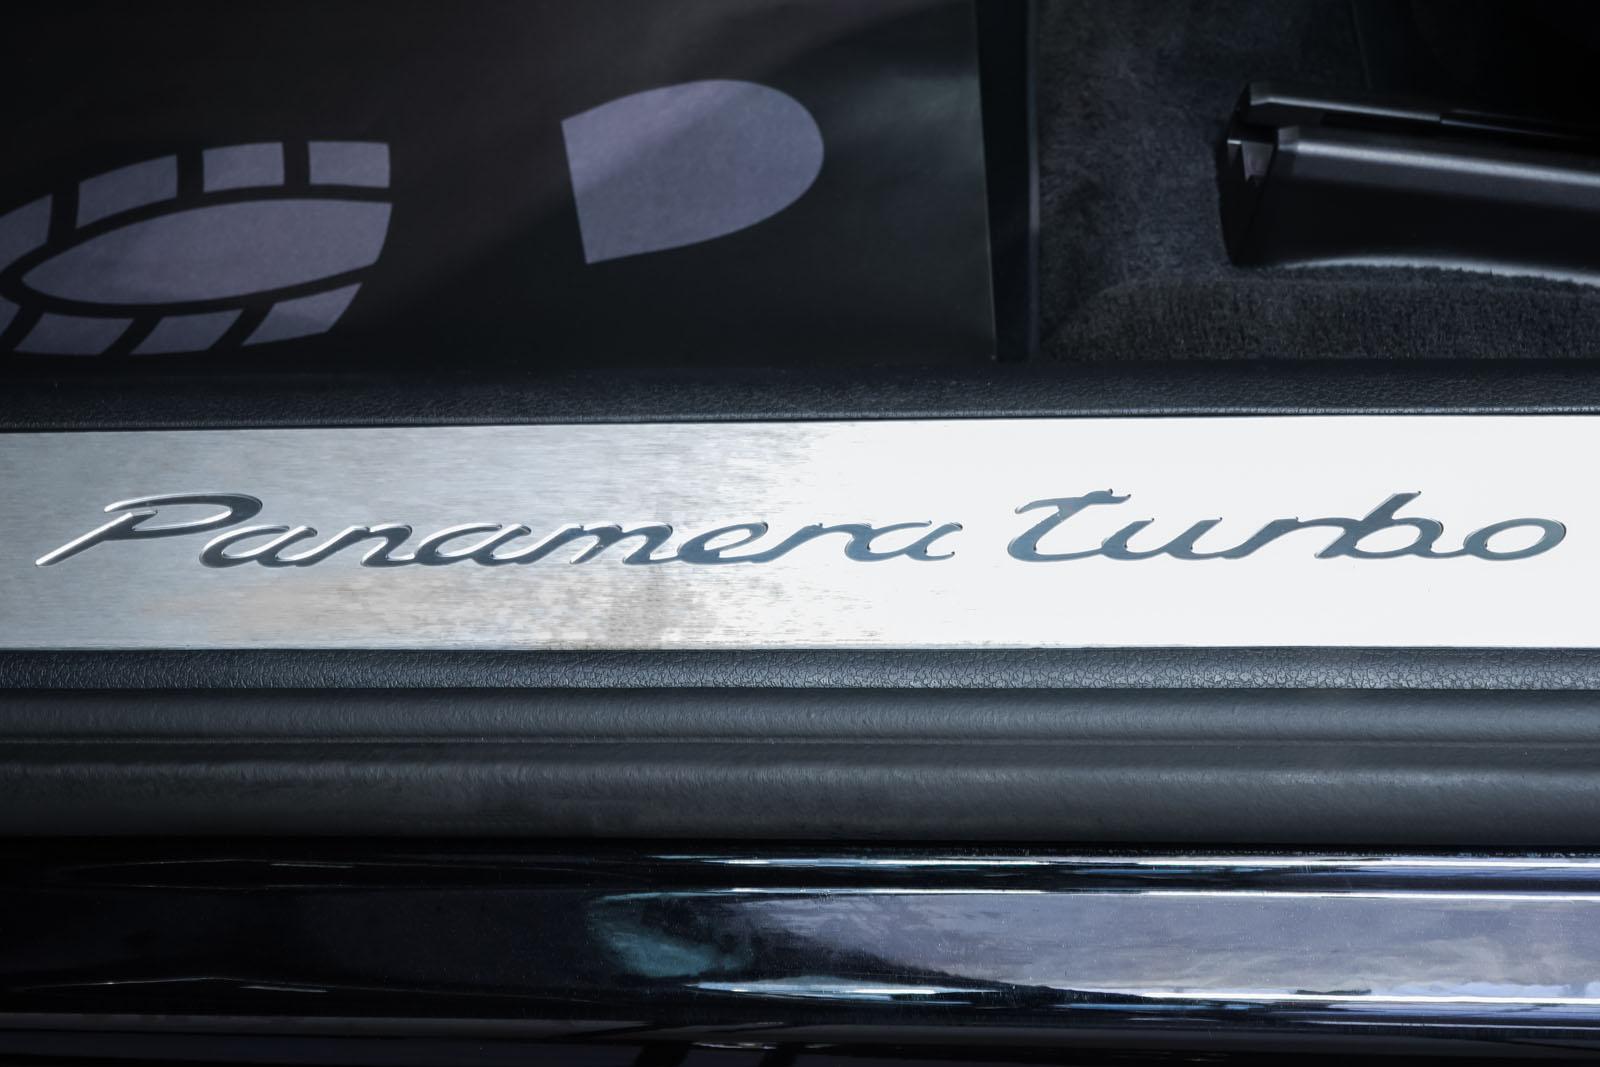 Porsche_Panamera_SportTurismo_Turbo_Schwarz_Schwarz_POR-5145_10_w